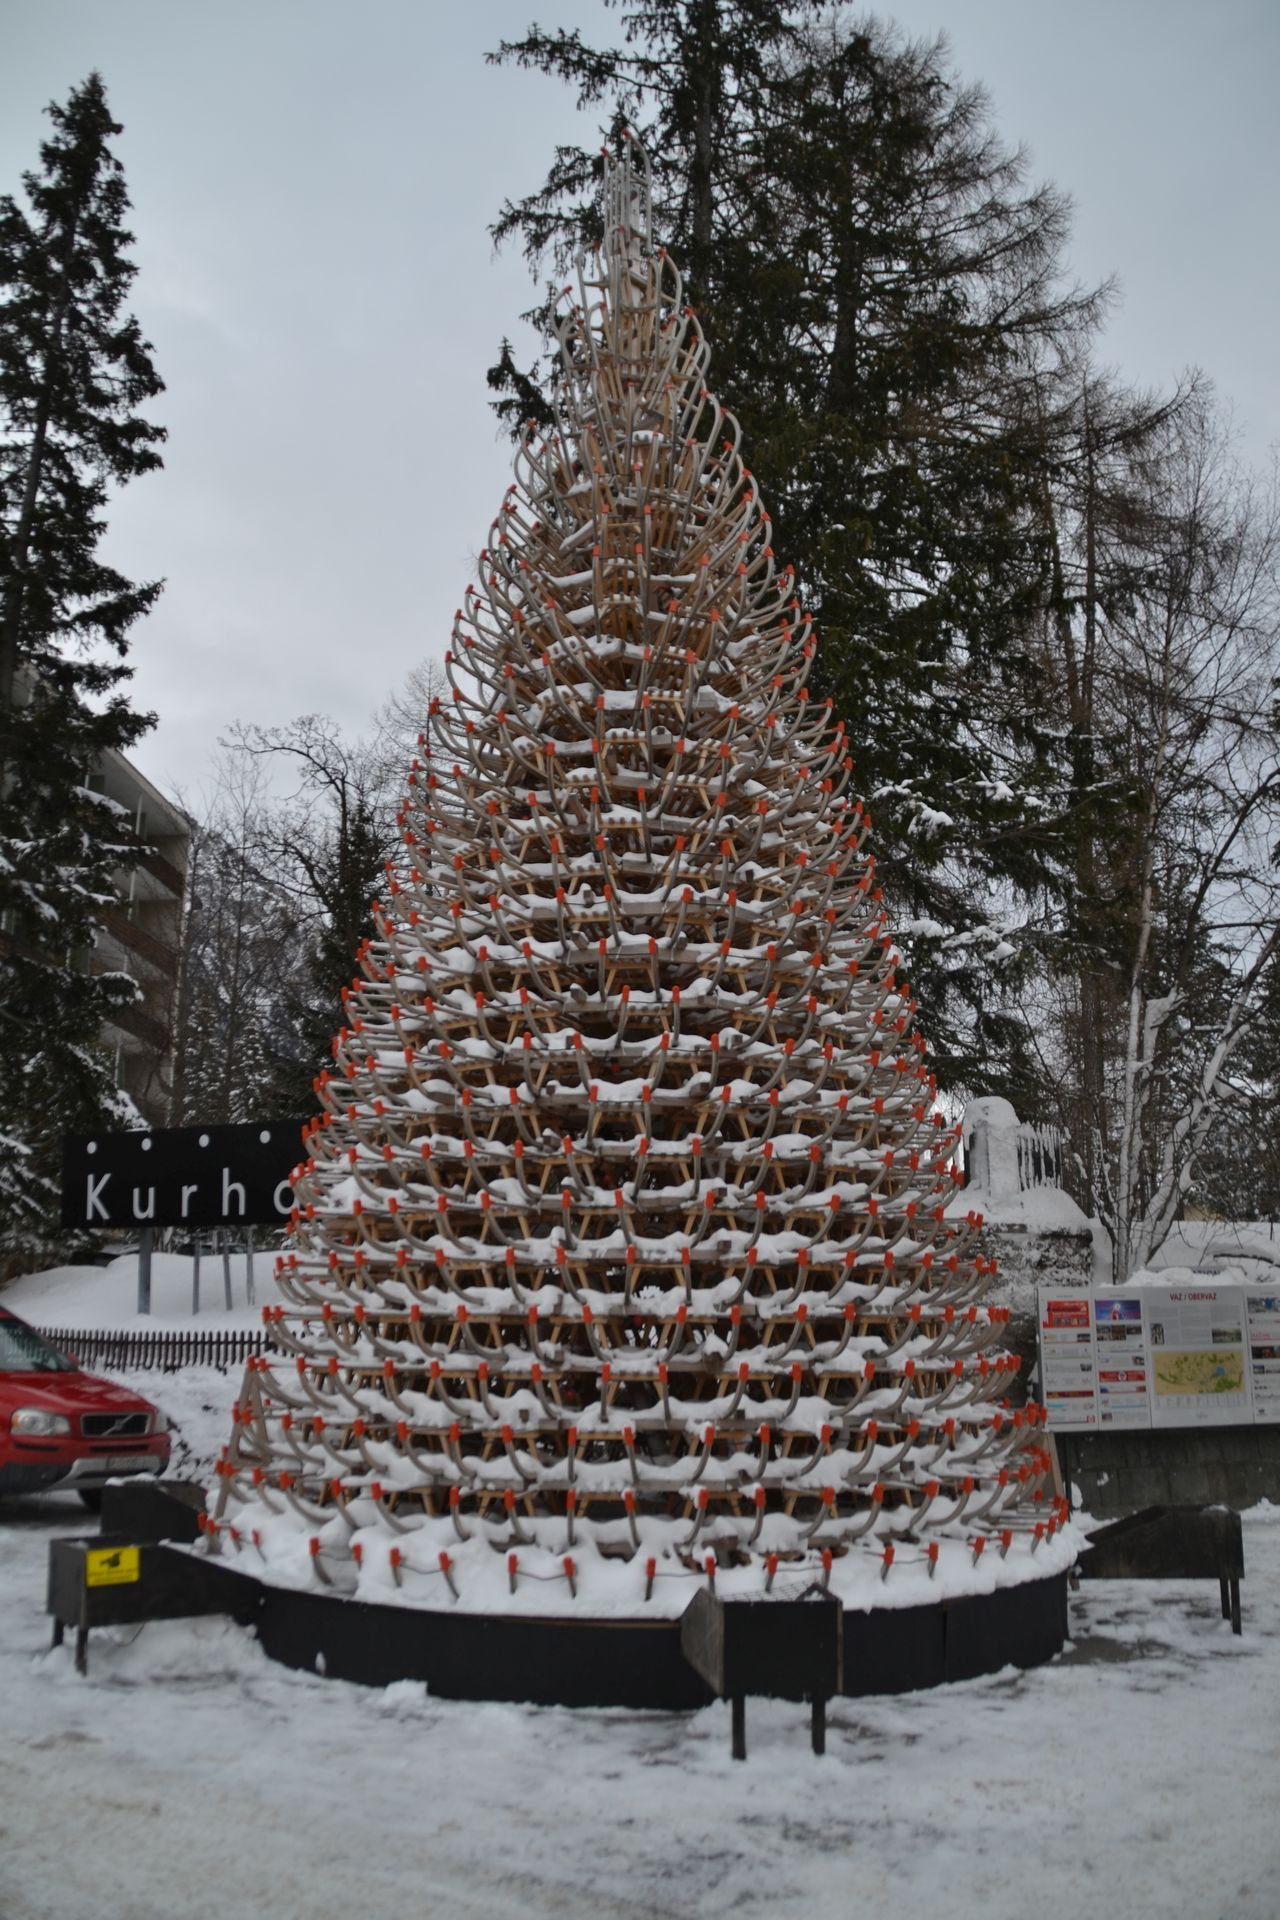 svájc, Lenzerheide, karácsonyfa, szánkó